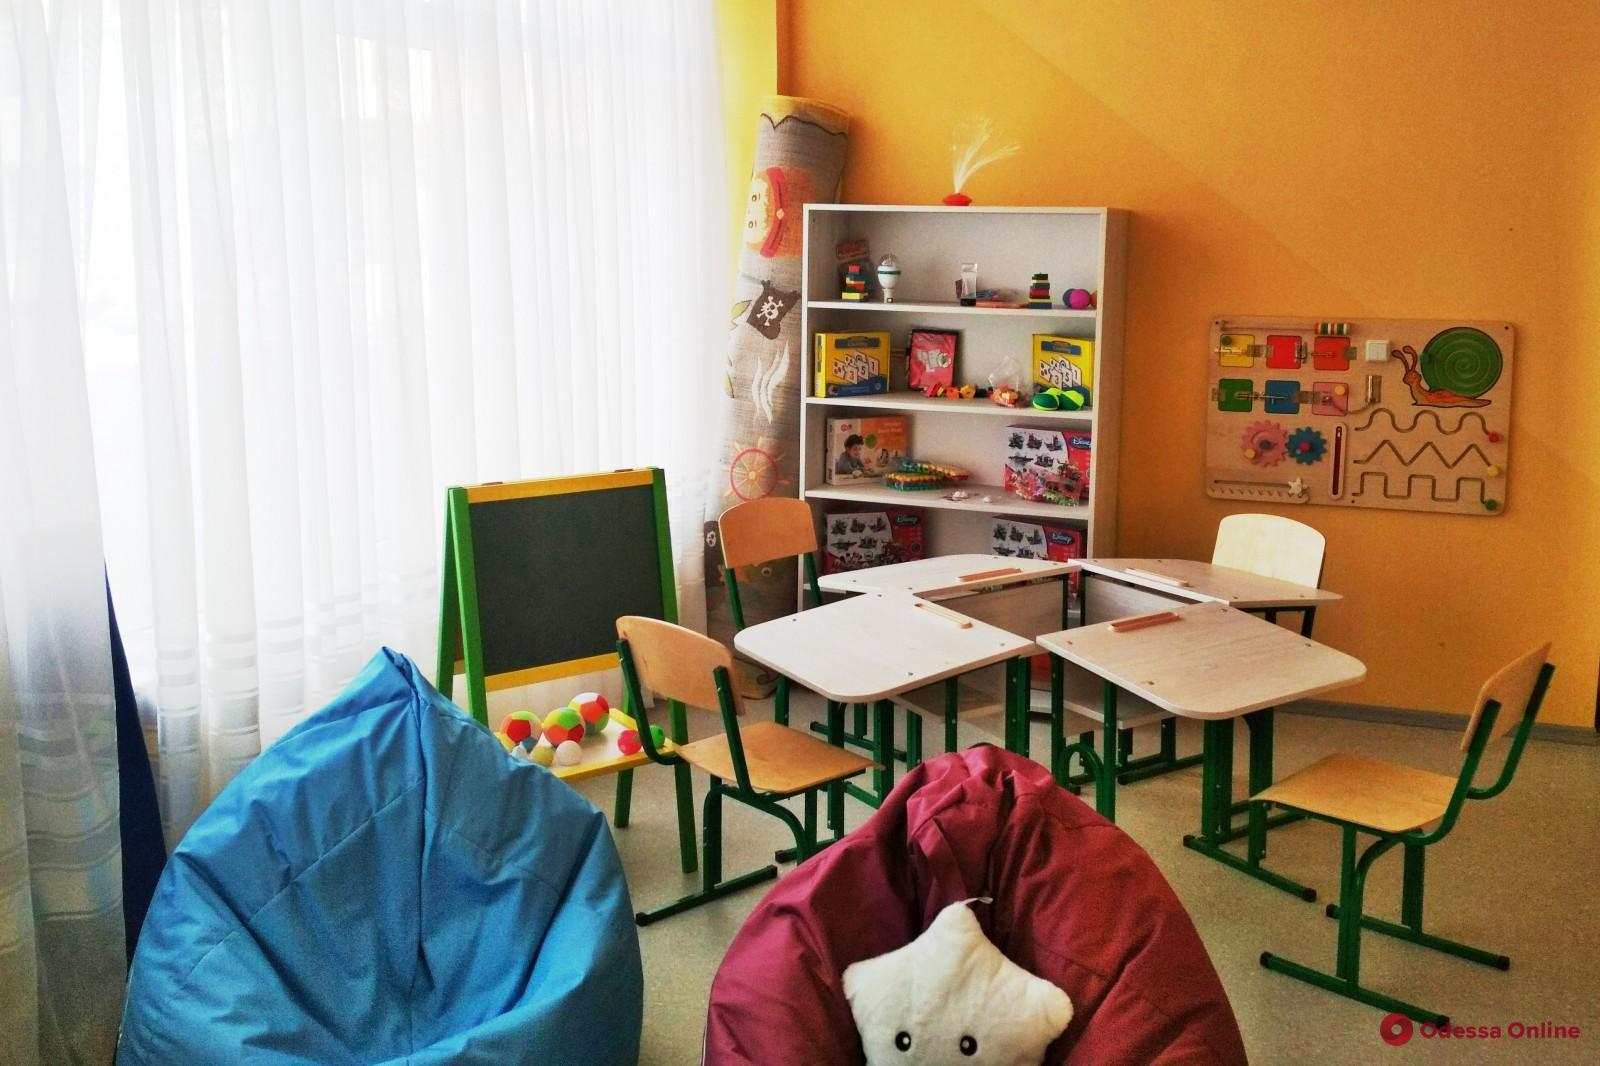 В одесских школах уже 37 классов отправили на самоизоляцию из-за Covid-19